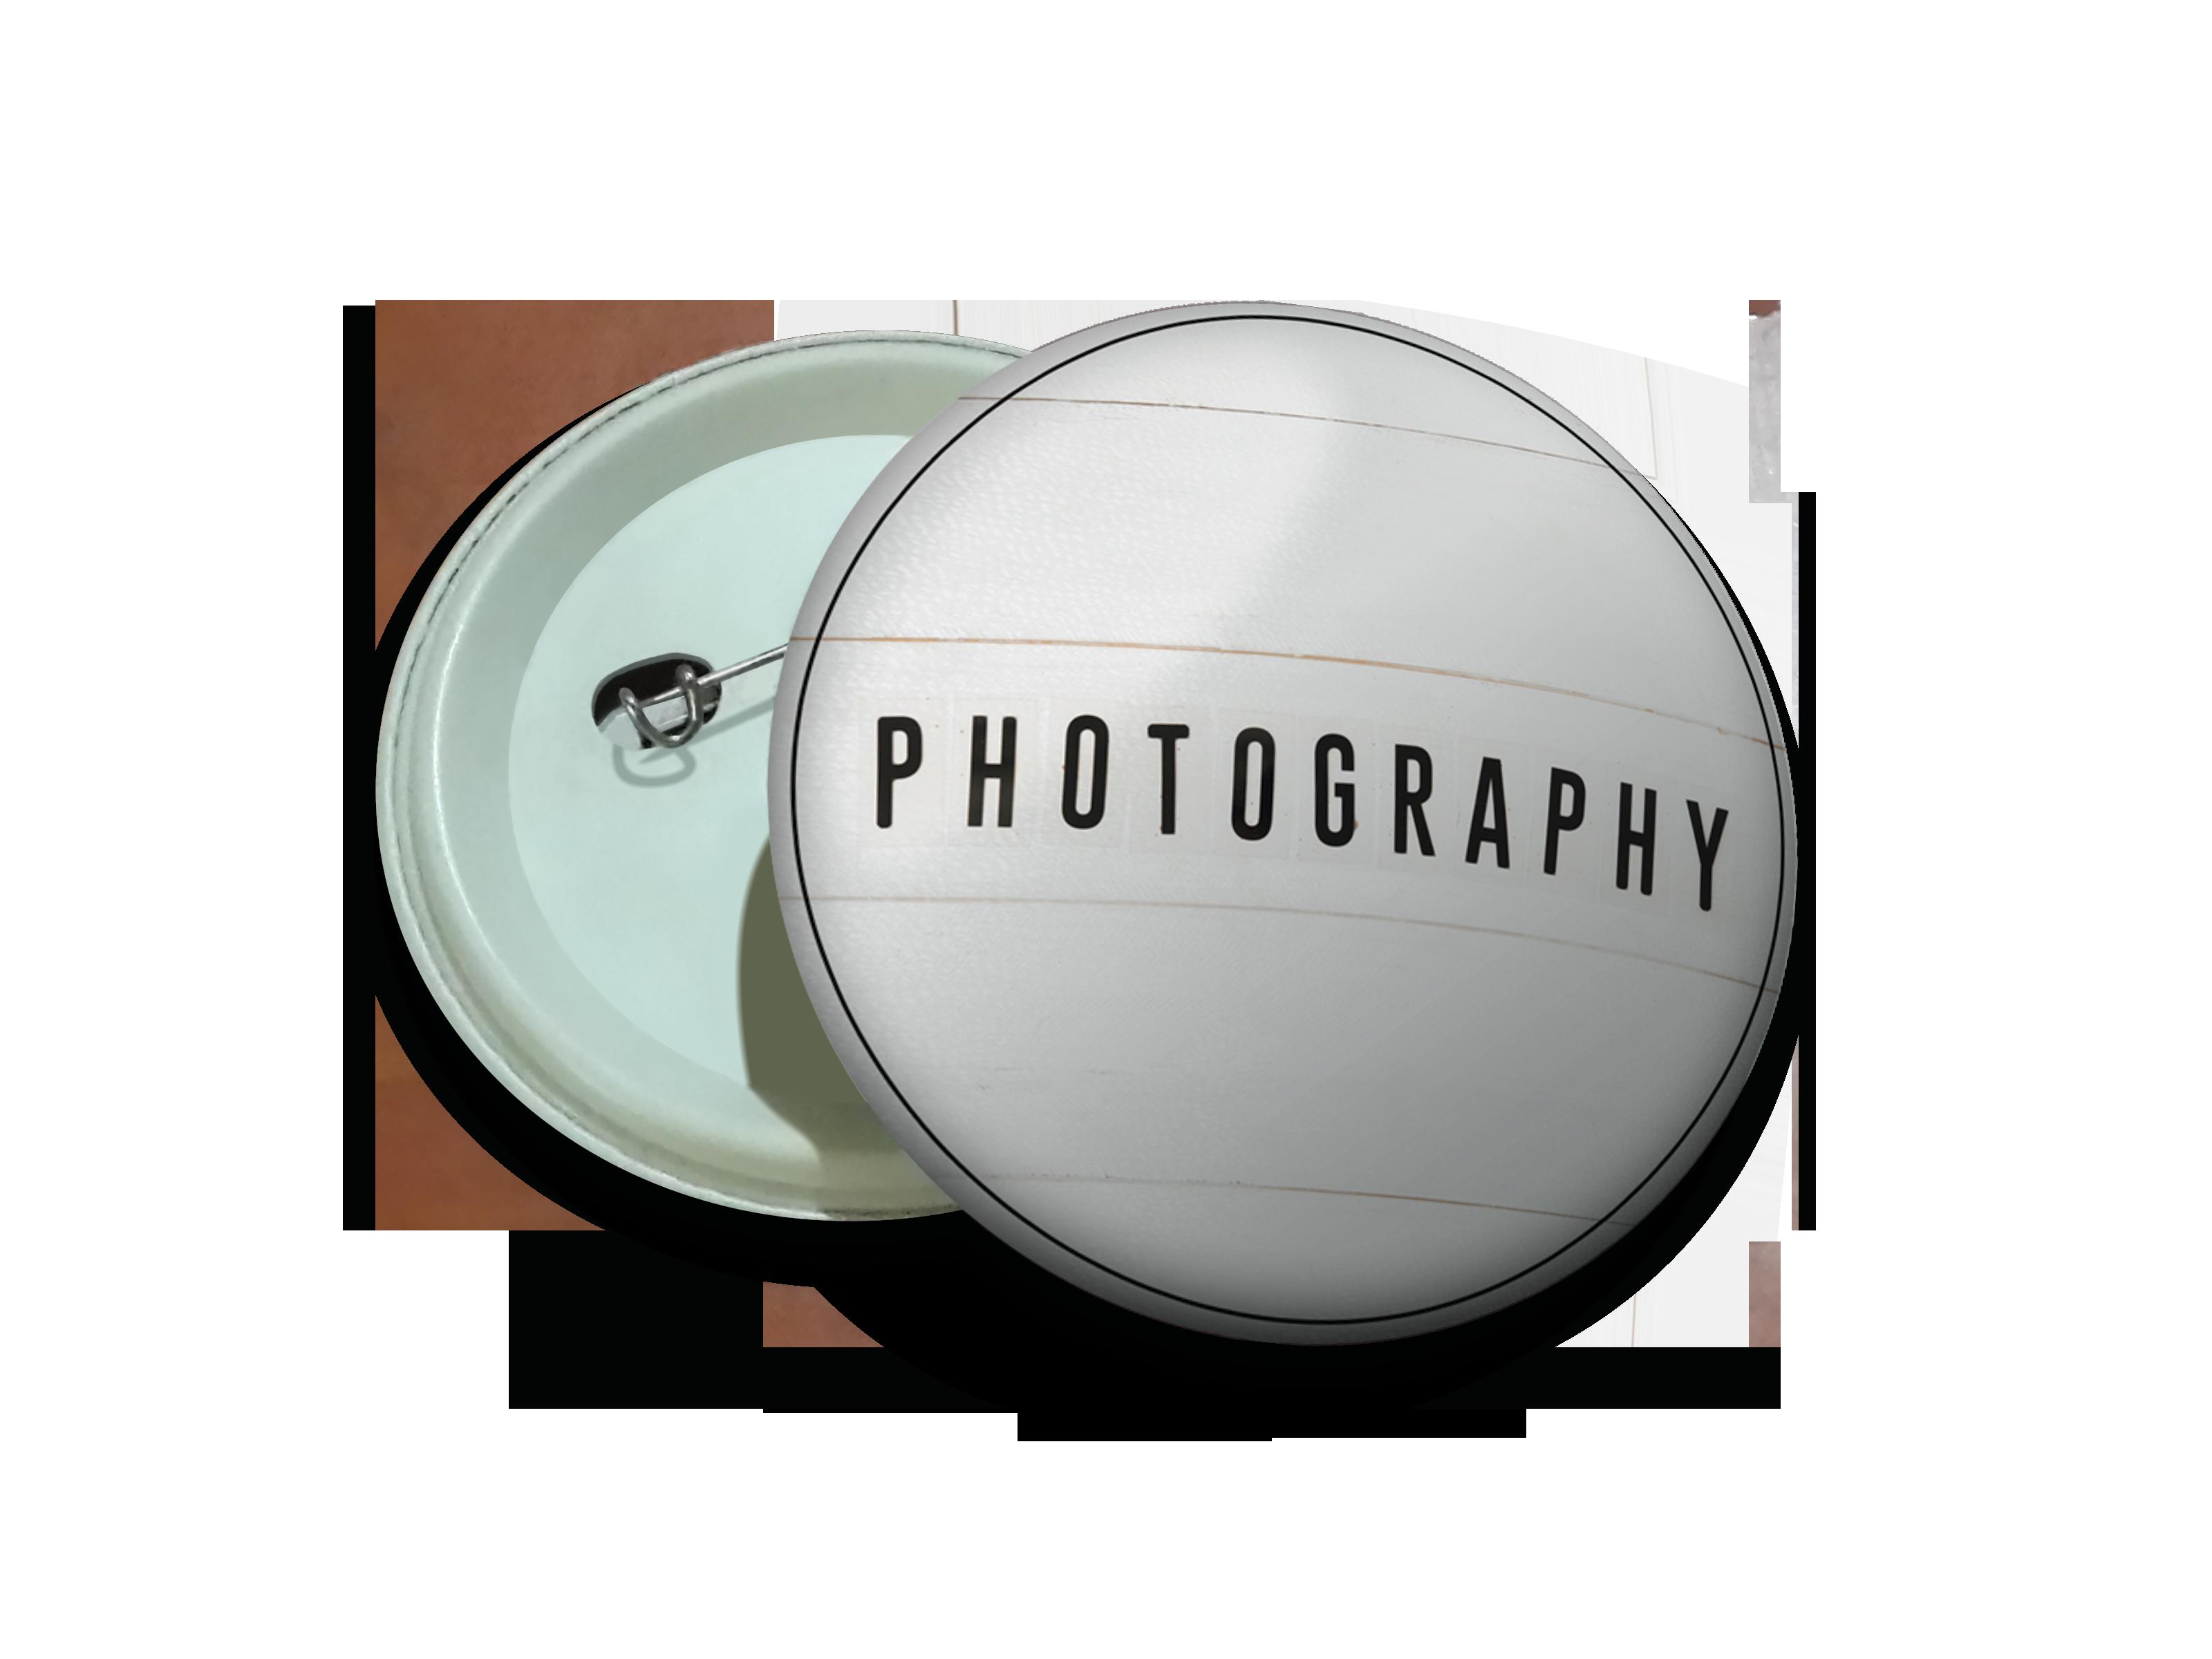 پیکسل سوزنی طرح عکاسی Photography